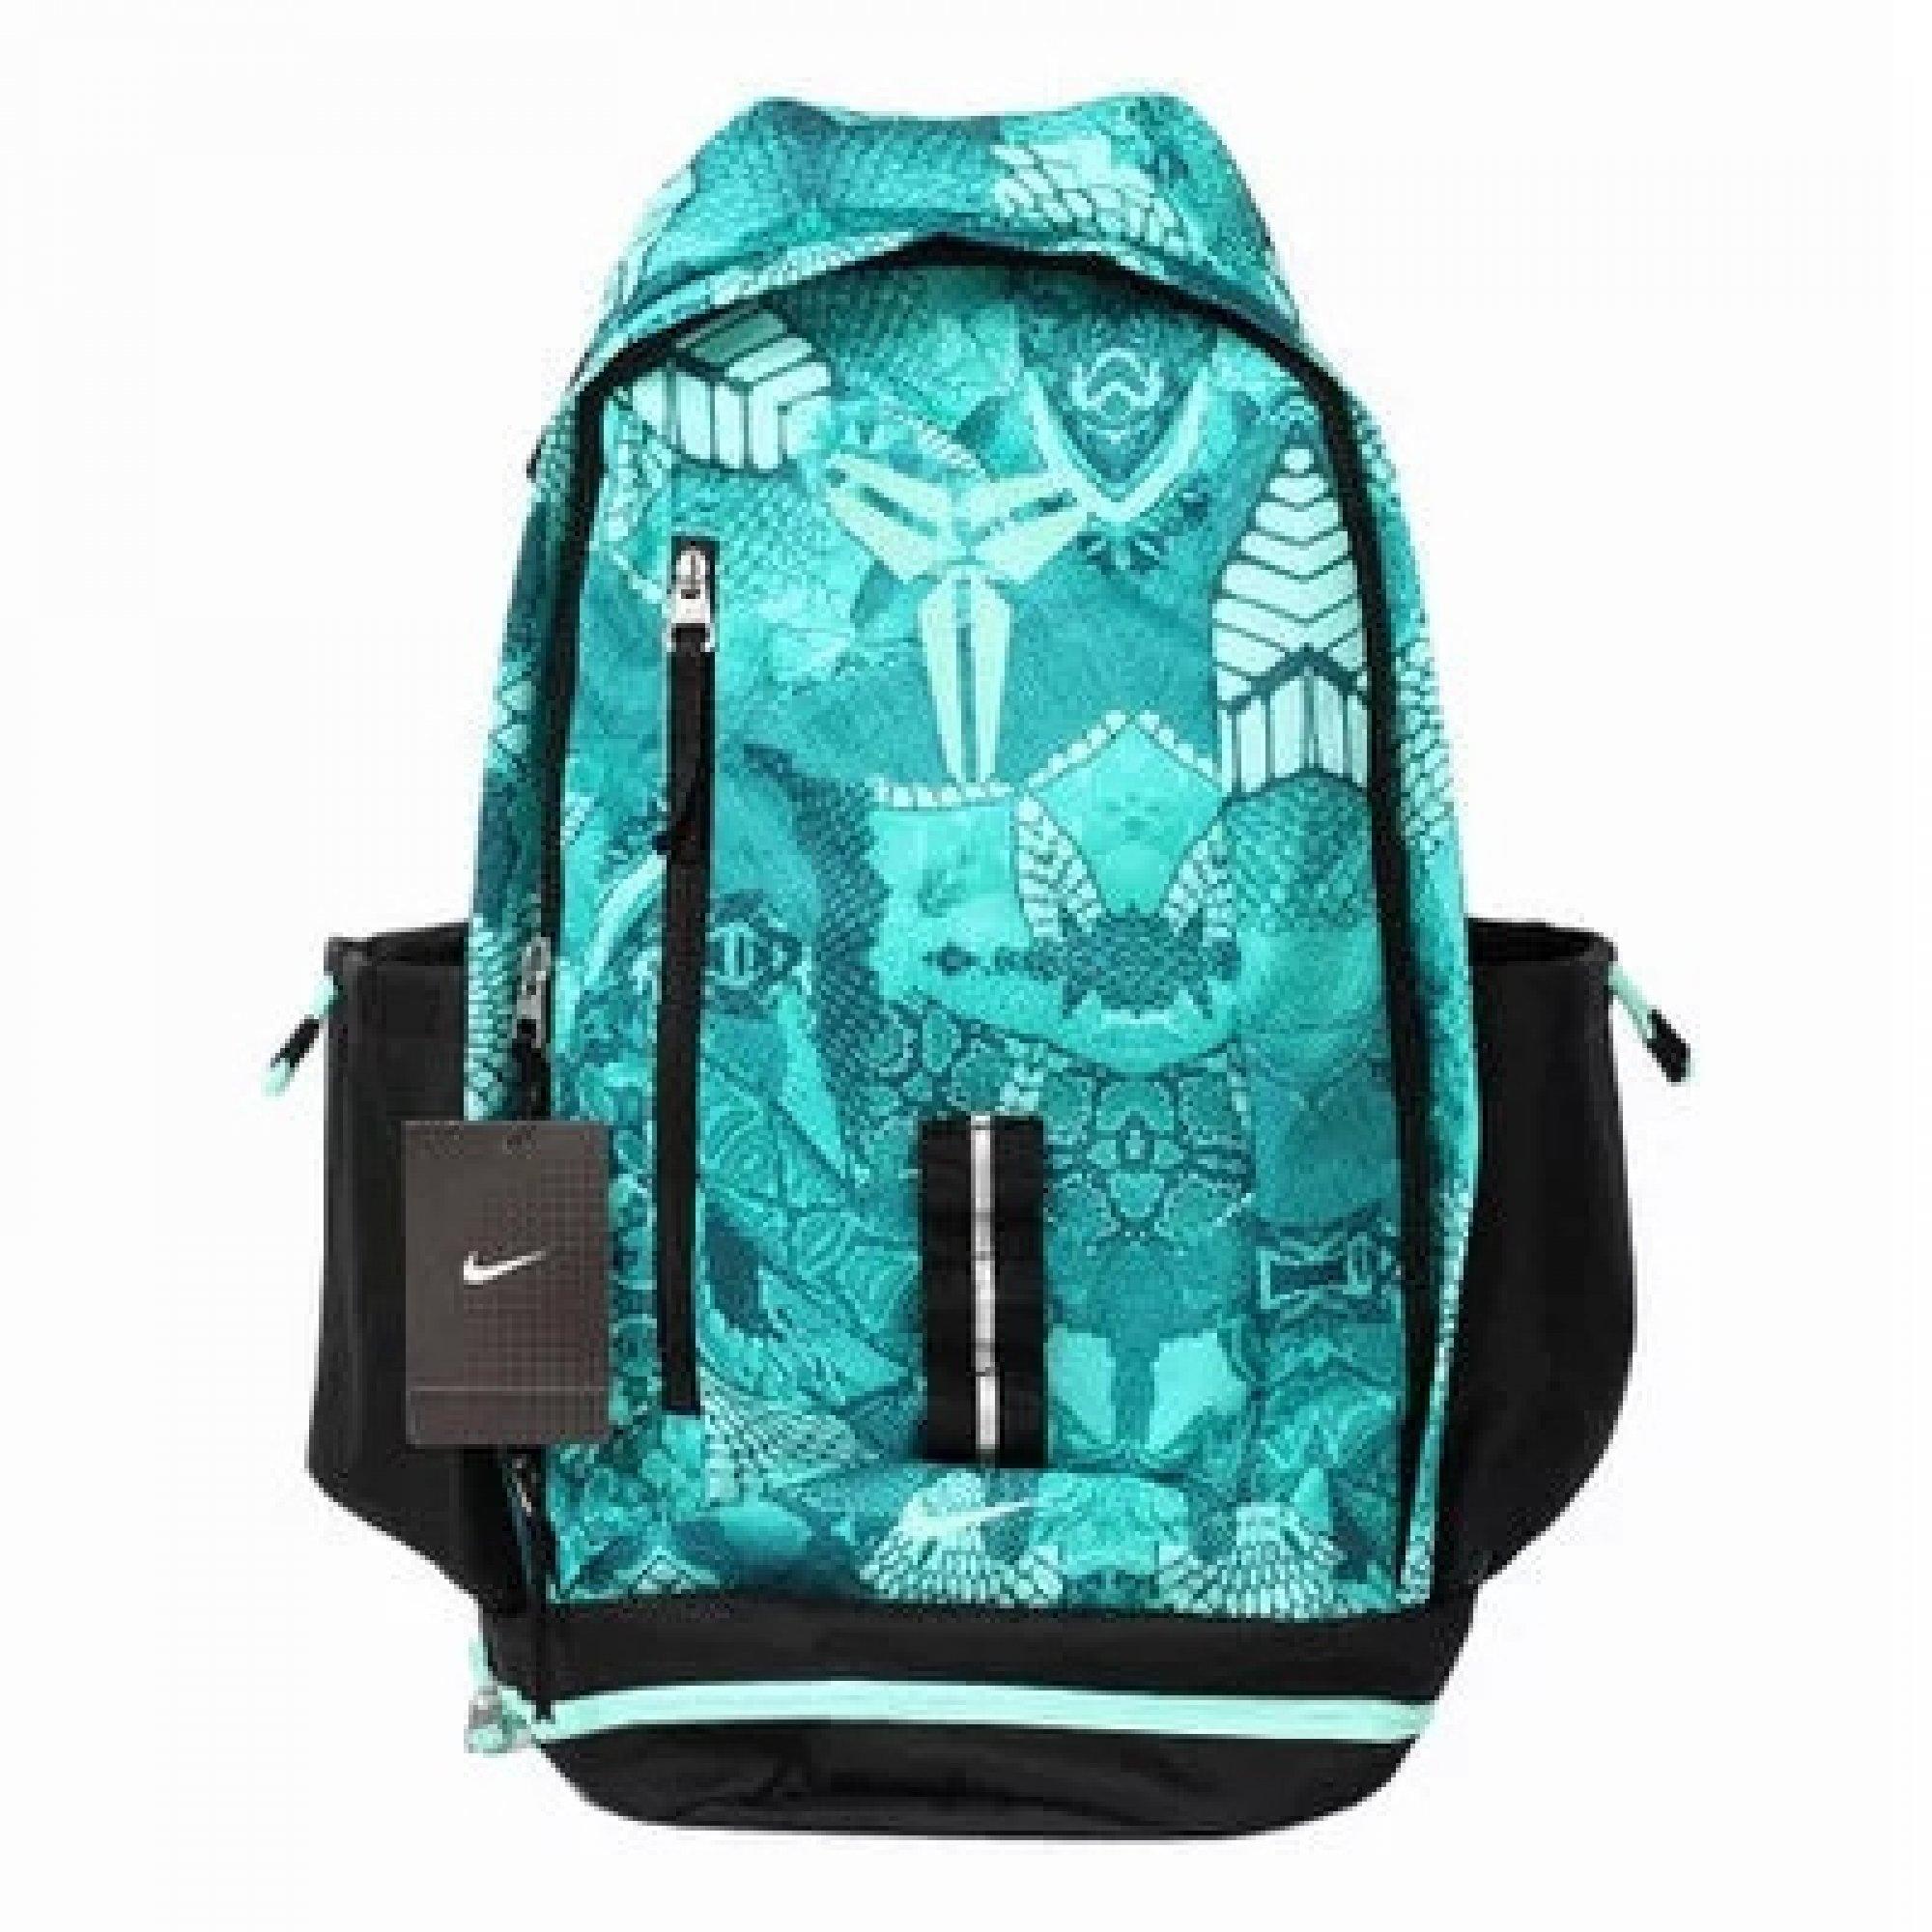 58a8139534 Nike Kobe green black NBA backpack – brandedleftovers